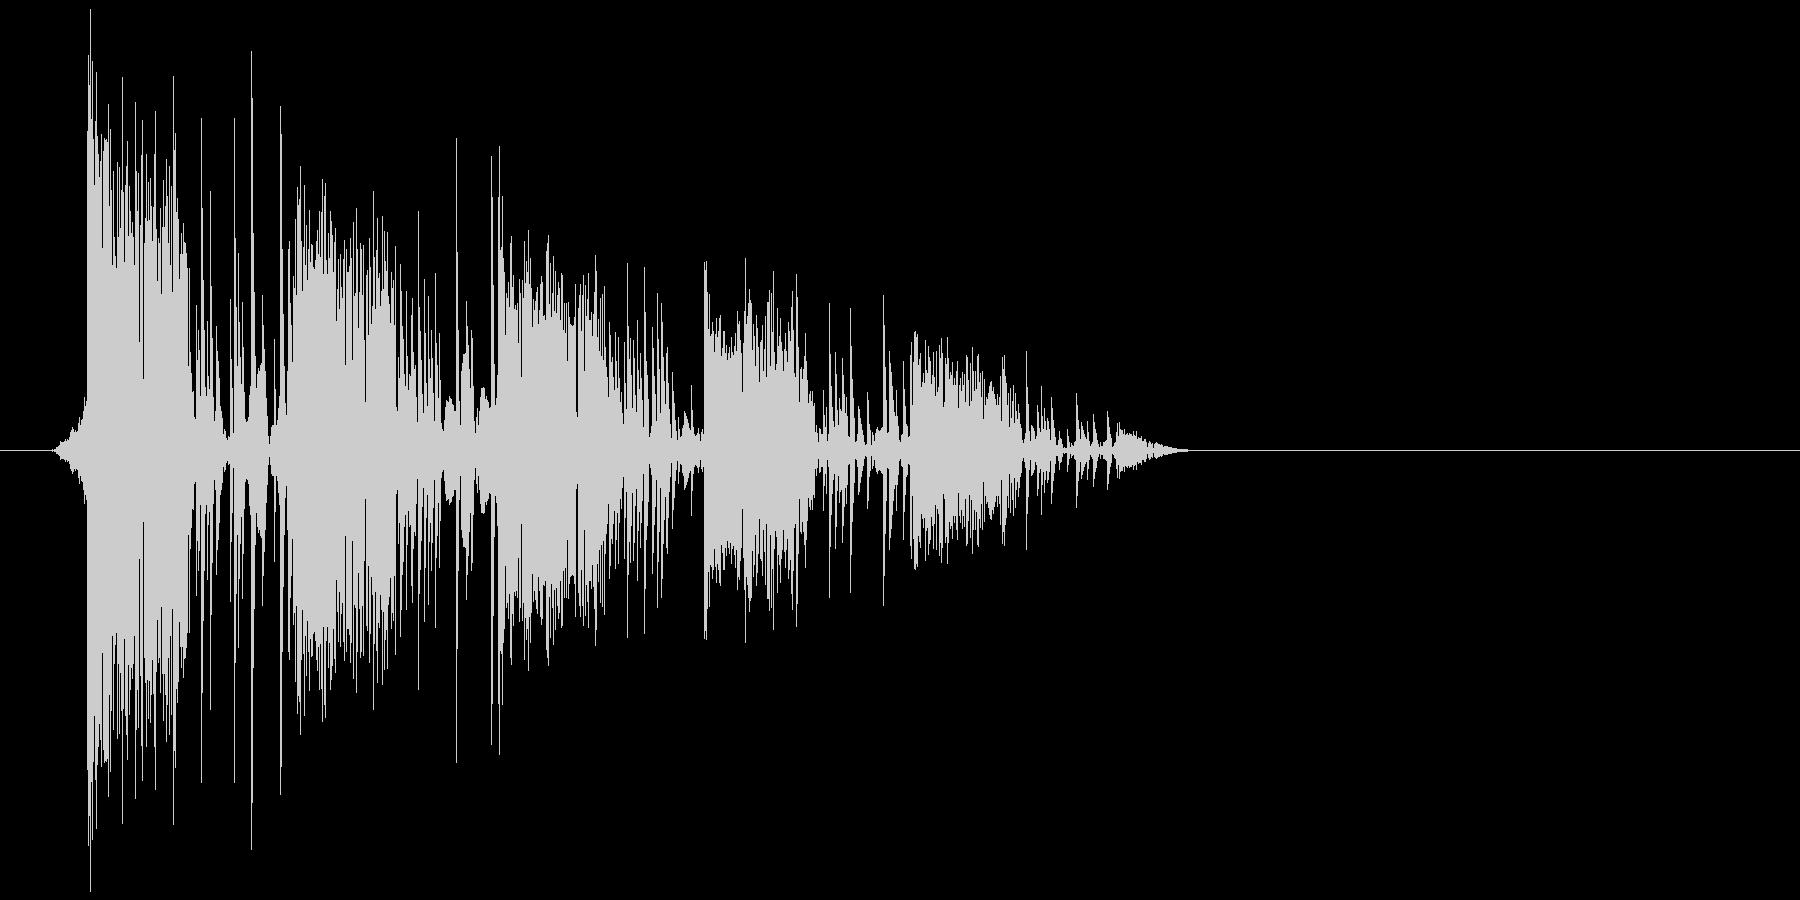 ゲーム(ファミコン風)爆発音_029の未再生の波形